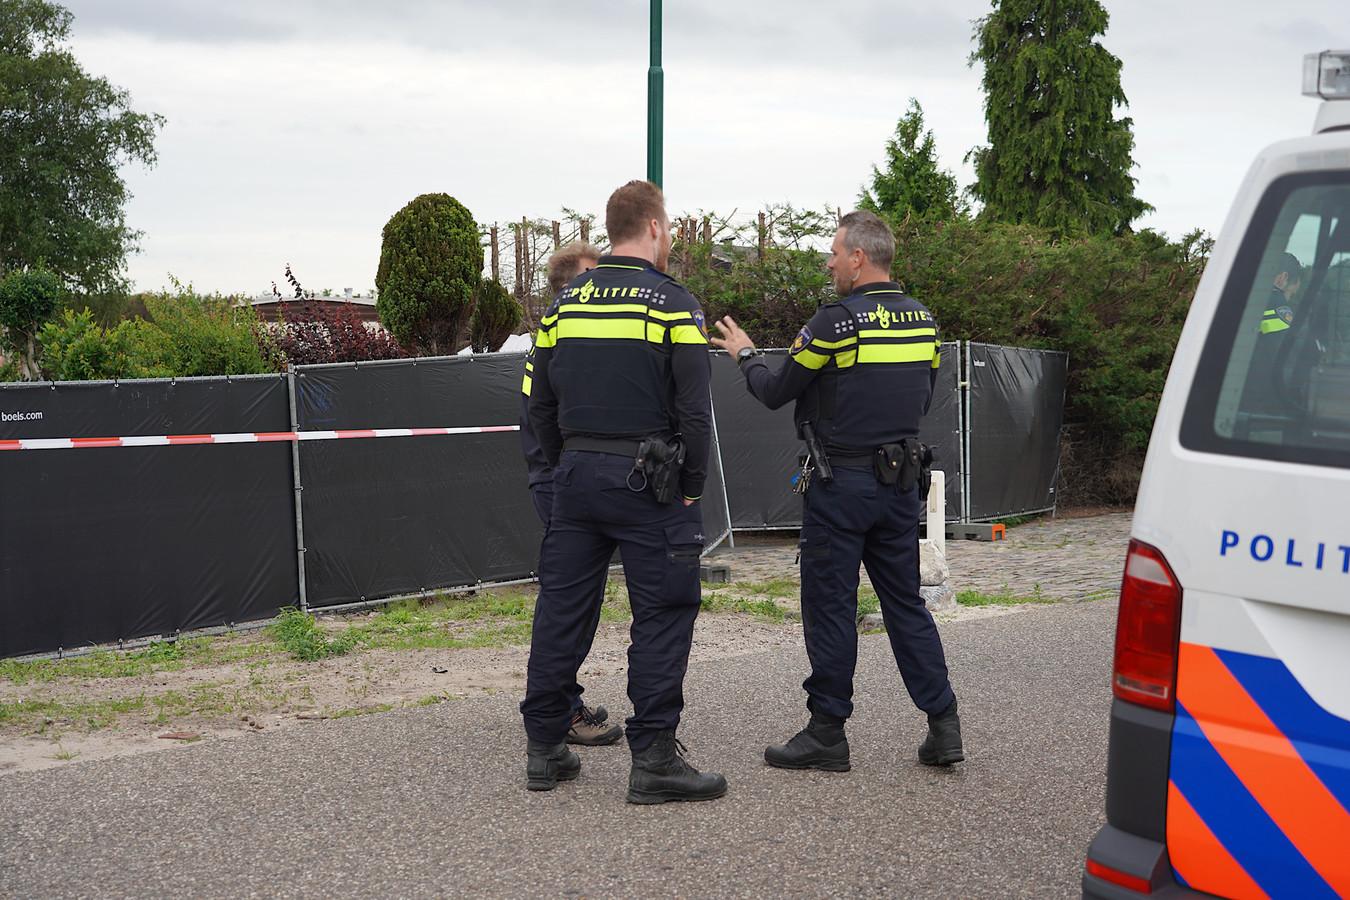 Dinsdagochtend werd er een inval gedaan bij Jan B. in Hulten. Op het terrein zijn wapens gevonden, aldus het OM.